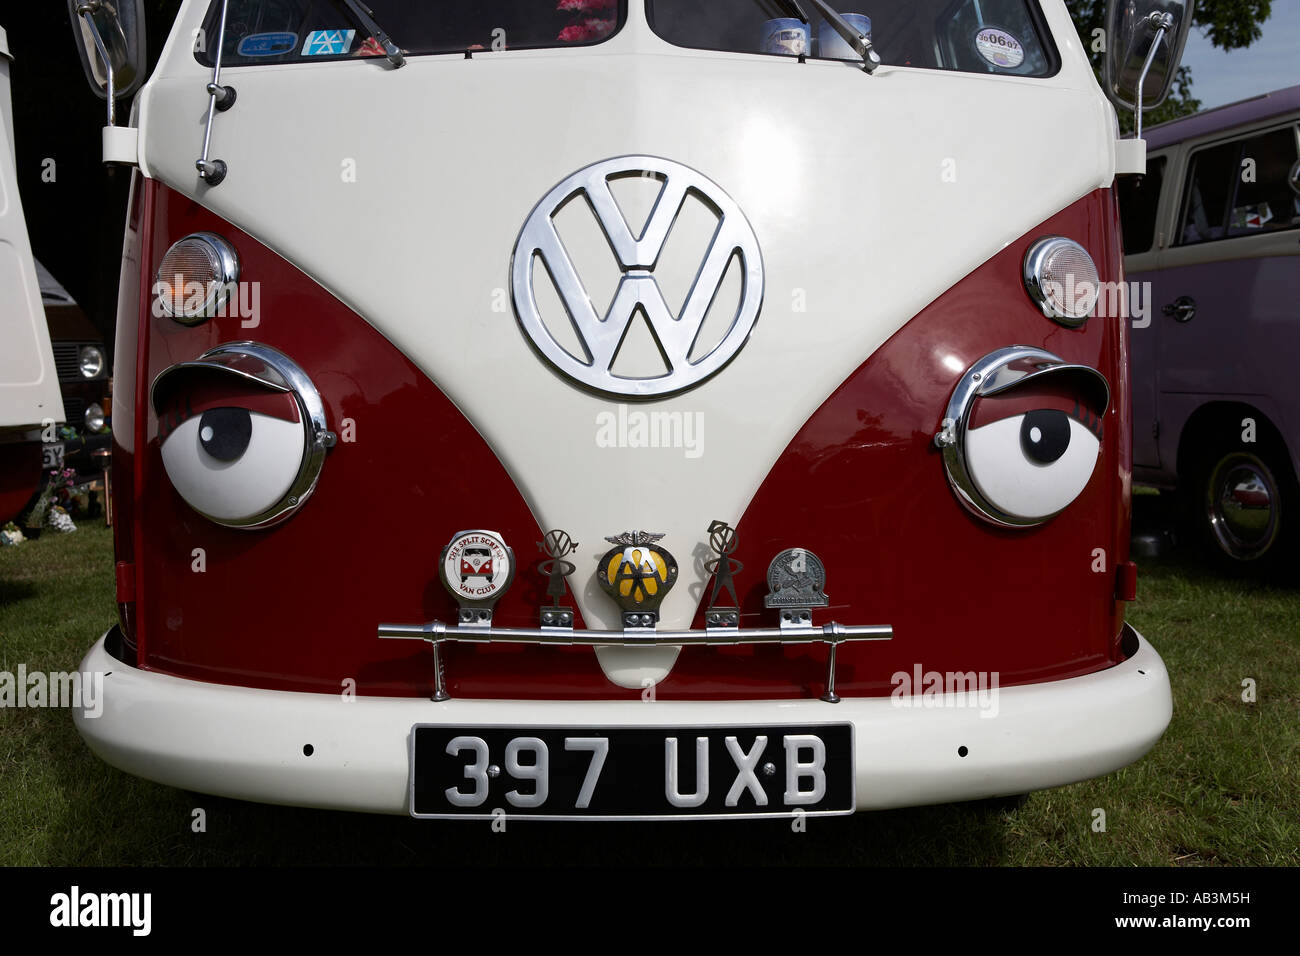 Tatton Park Vintage Car Show